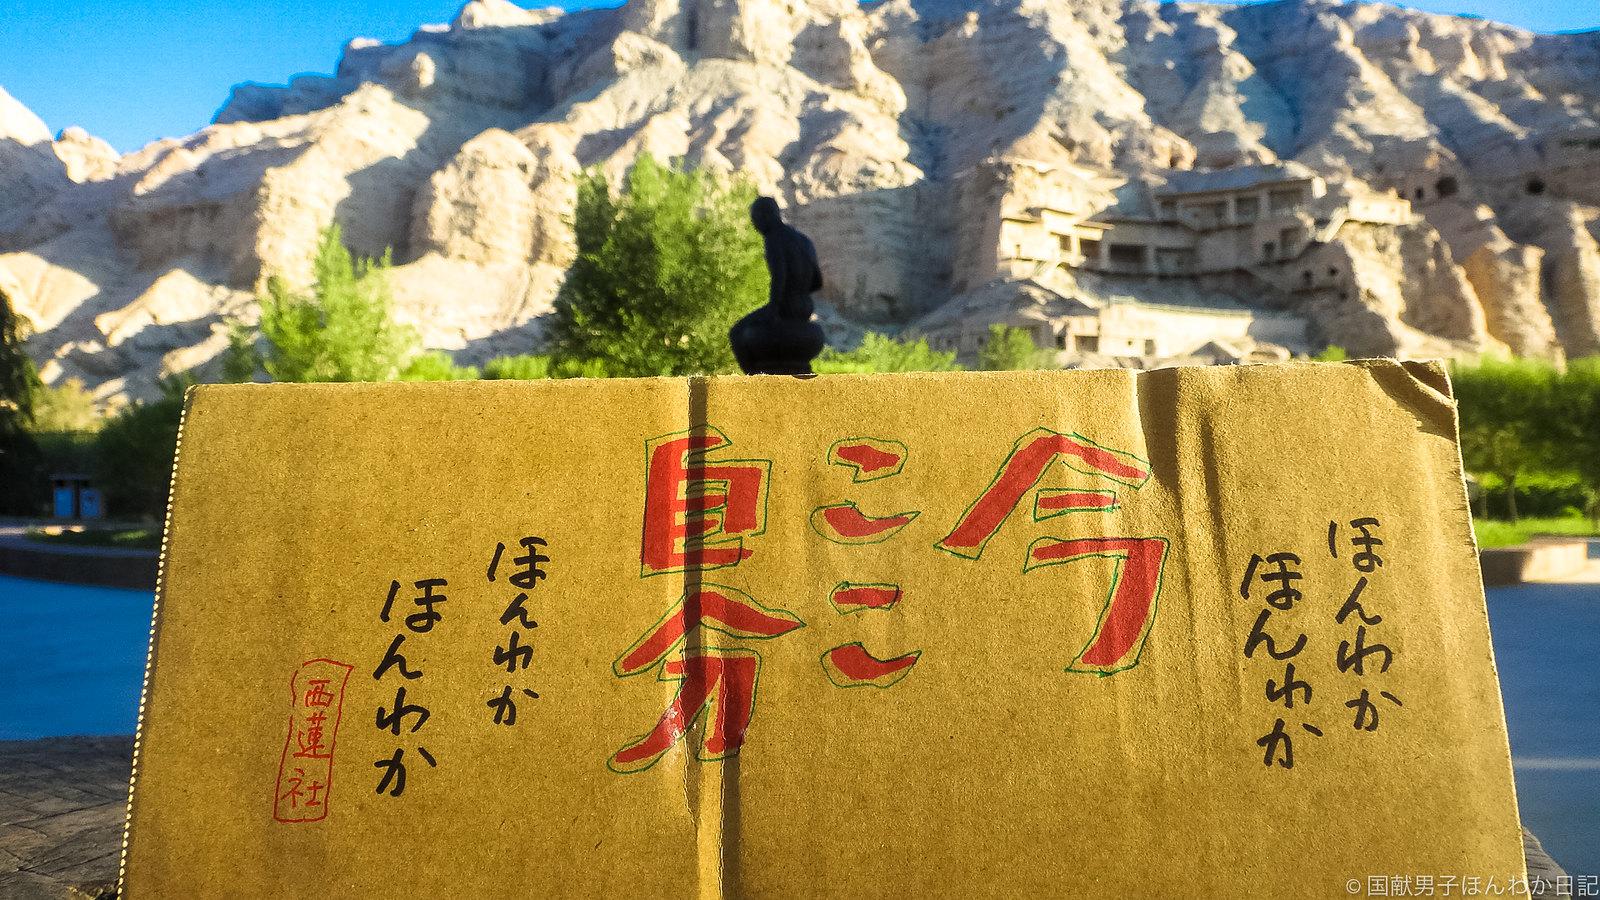 小僧落書き、背景の像はキジル千仏洞の羅什さん(撮影:筆者)